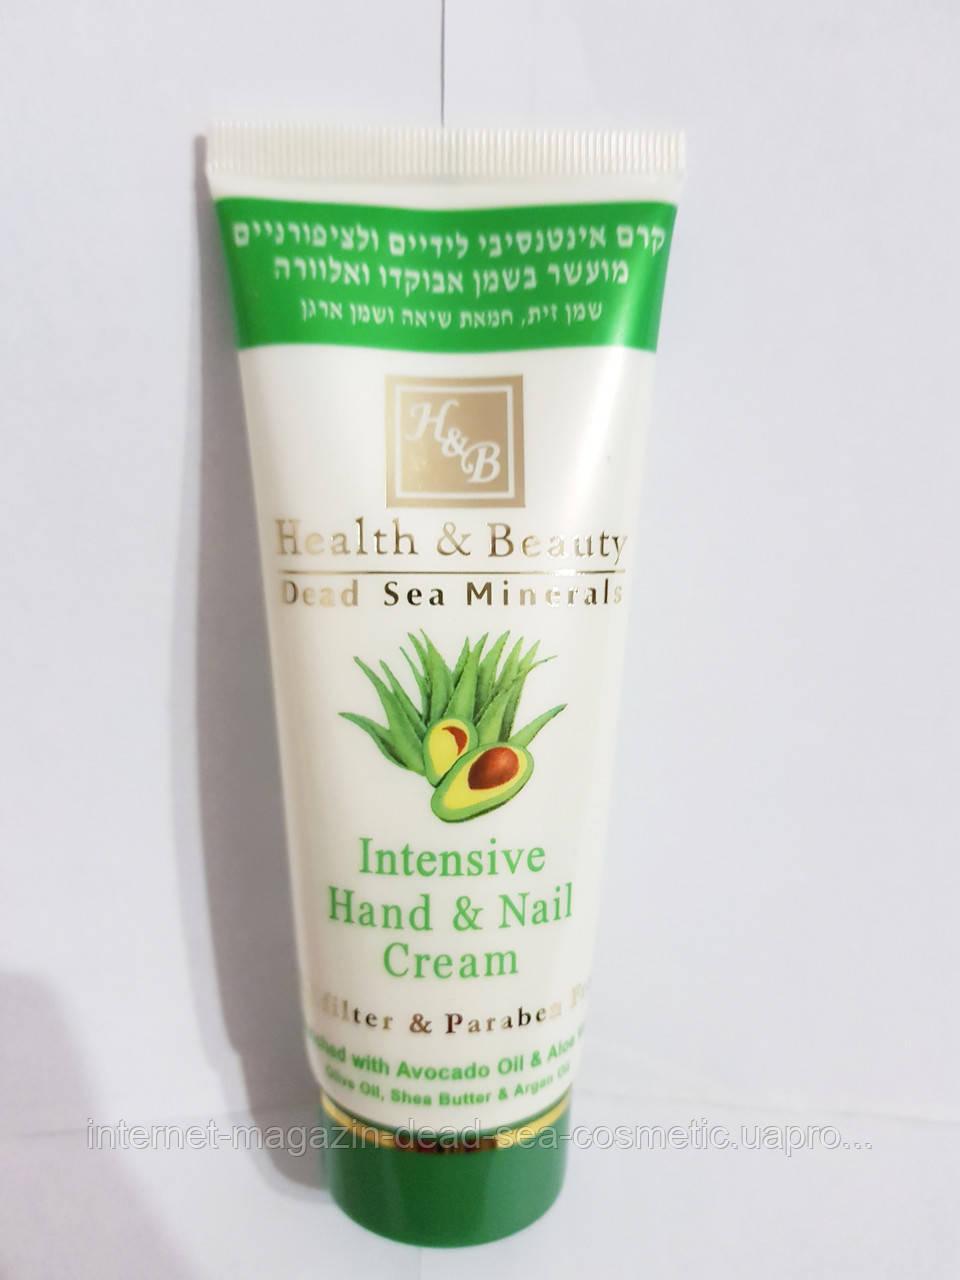 Интенсивный крем для рук и ногтей с авокадо и алое Health and Beauty